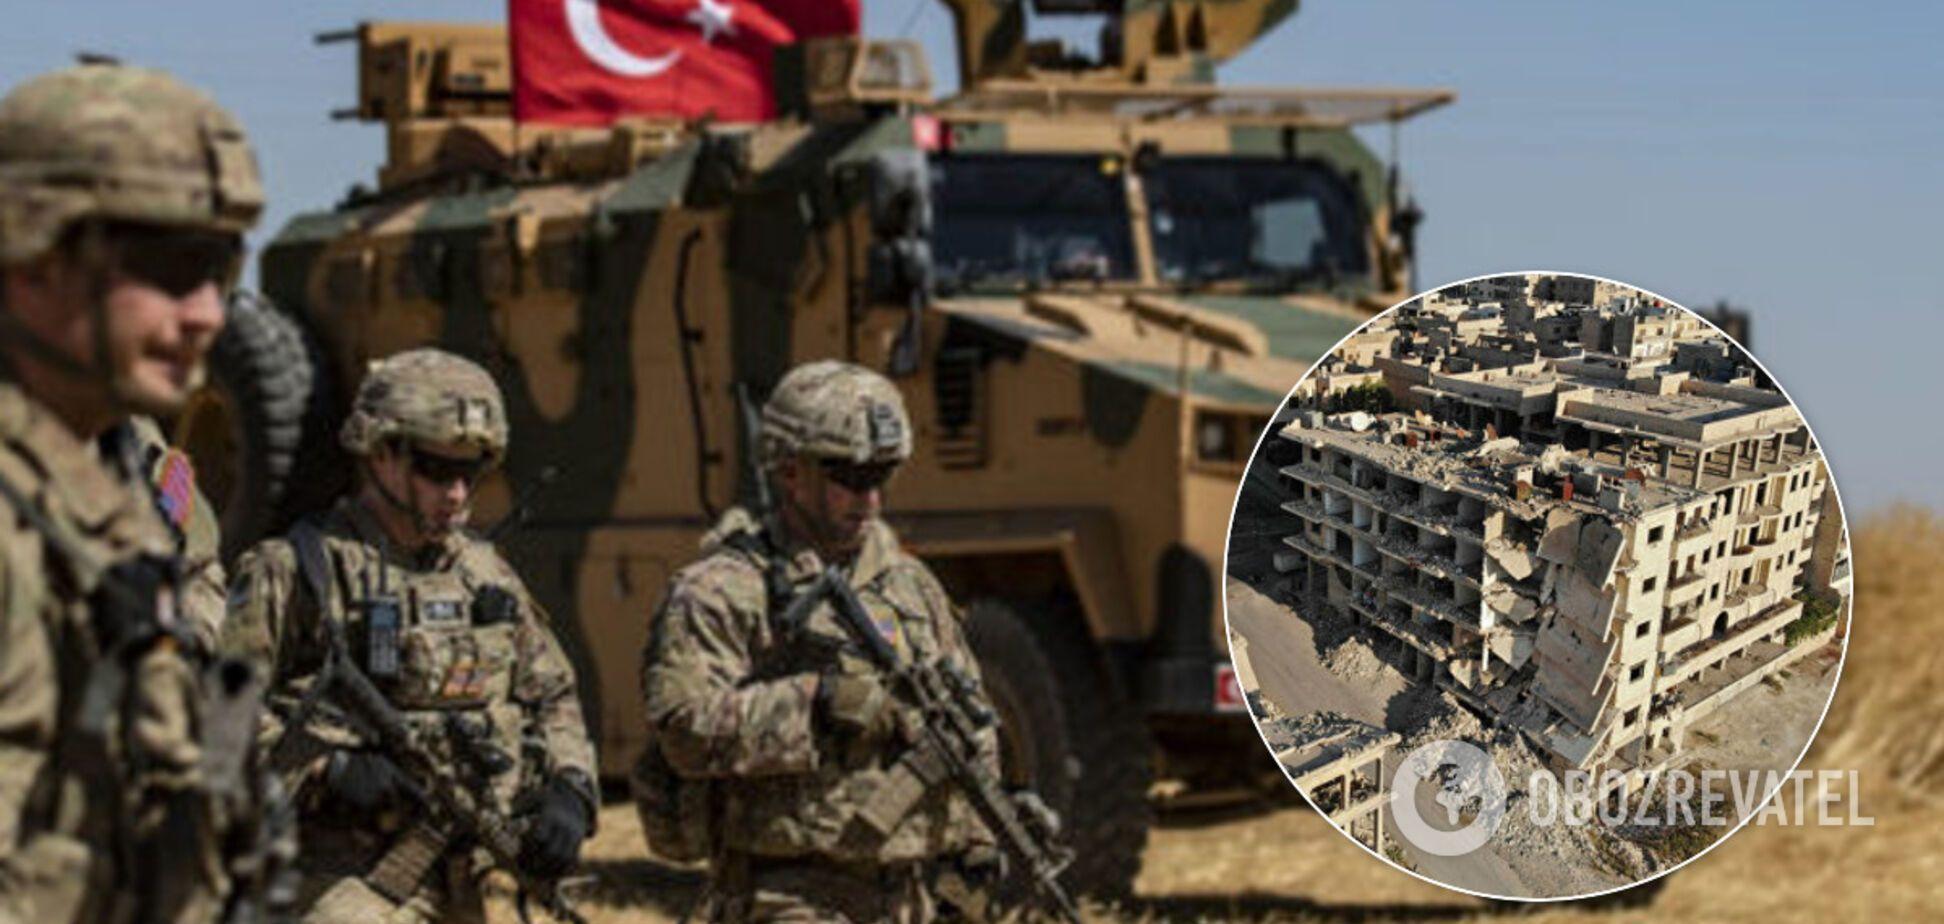 Туреччина заявила про готовність до військової спецоперації в Ідлібі